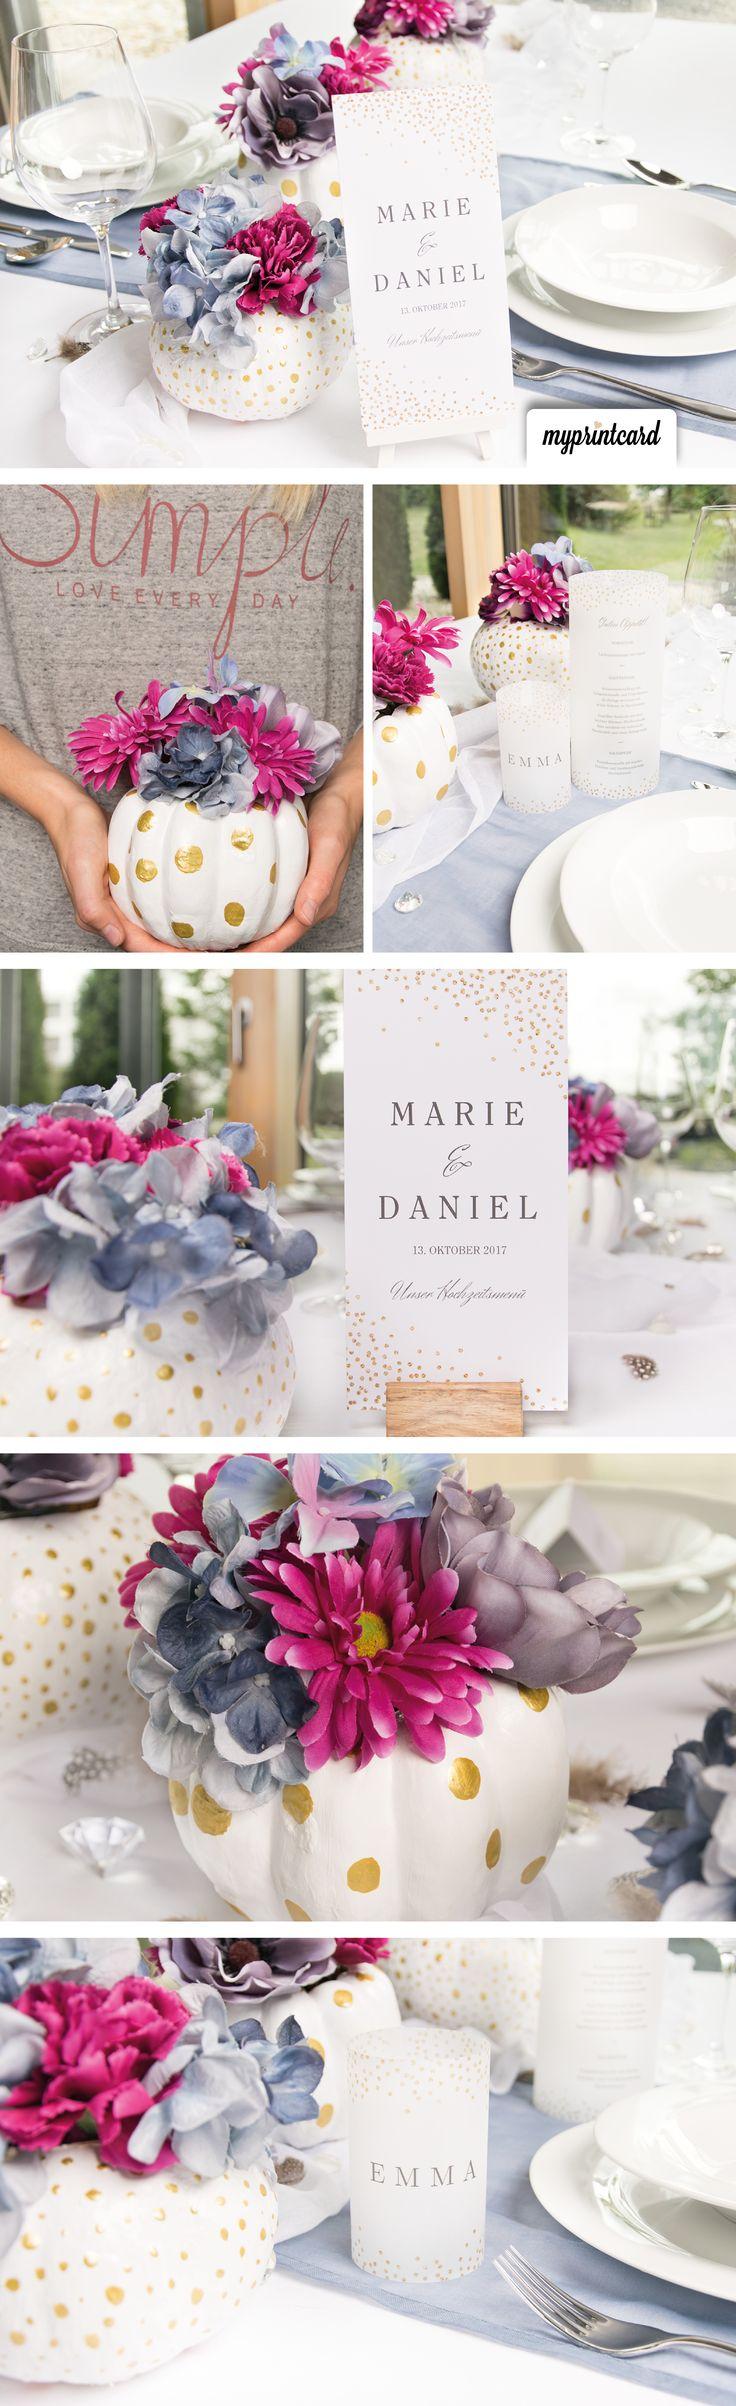 Eine Tischdekoration in Gold und Weißt für deine Herbsthochzeit. Hol dir jetzt alle Ideen.  #herbst #herbsthochzeit #glitter #glitzer #gold #weiß #deko #hochzeit #tischdeko #partytime #gastgeschenke #tischnummern #style #menükarten #dekoration #winterdeko #hochzeitsdeko #heiraten #diy #diyproject #basteln #selbermachen #braut #bräutigam #bride #wedding #einladung #weddingcards #hochzeitskarten #hochzeitsdekoration #ideen #dekoidee #kürbis